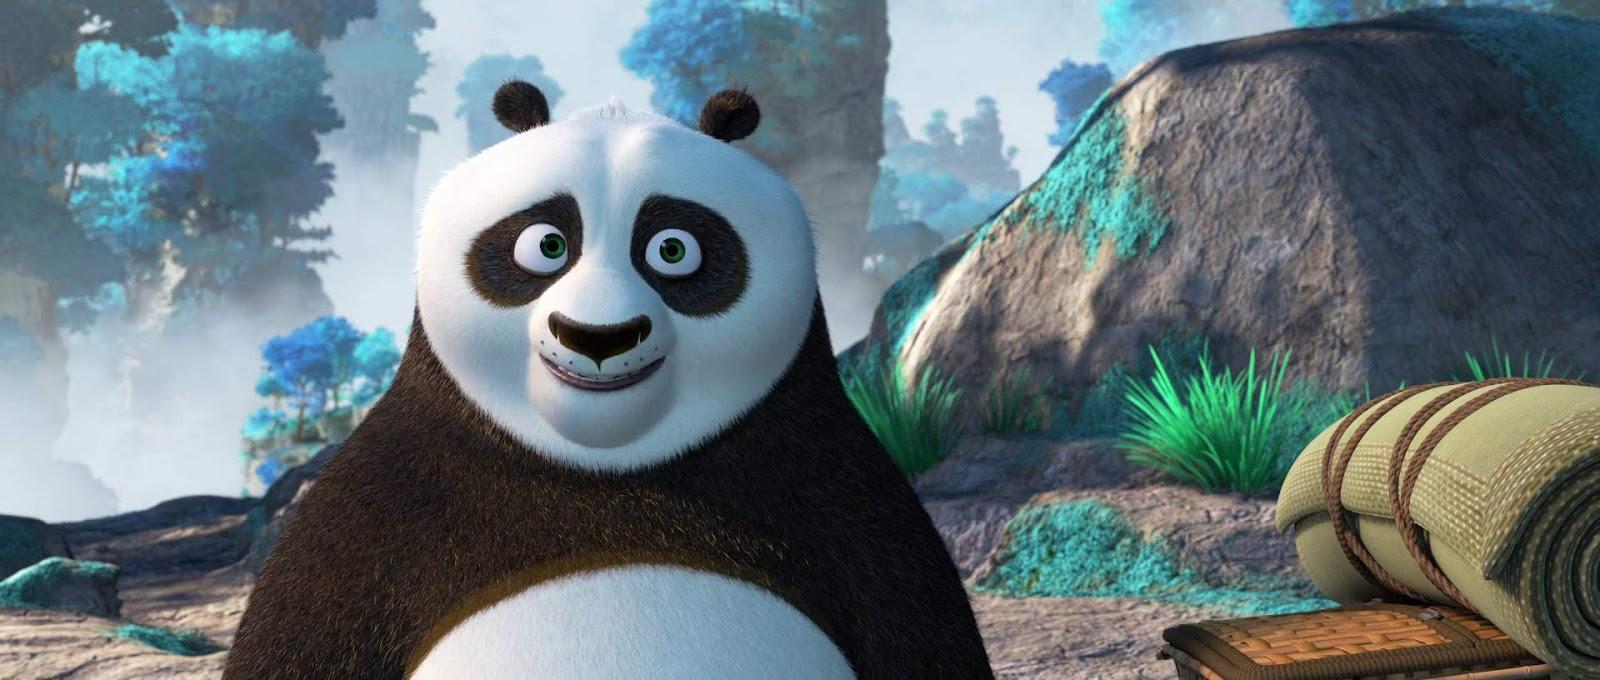 Kung Fu Panda 3 (2016) 3